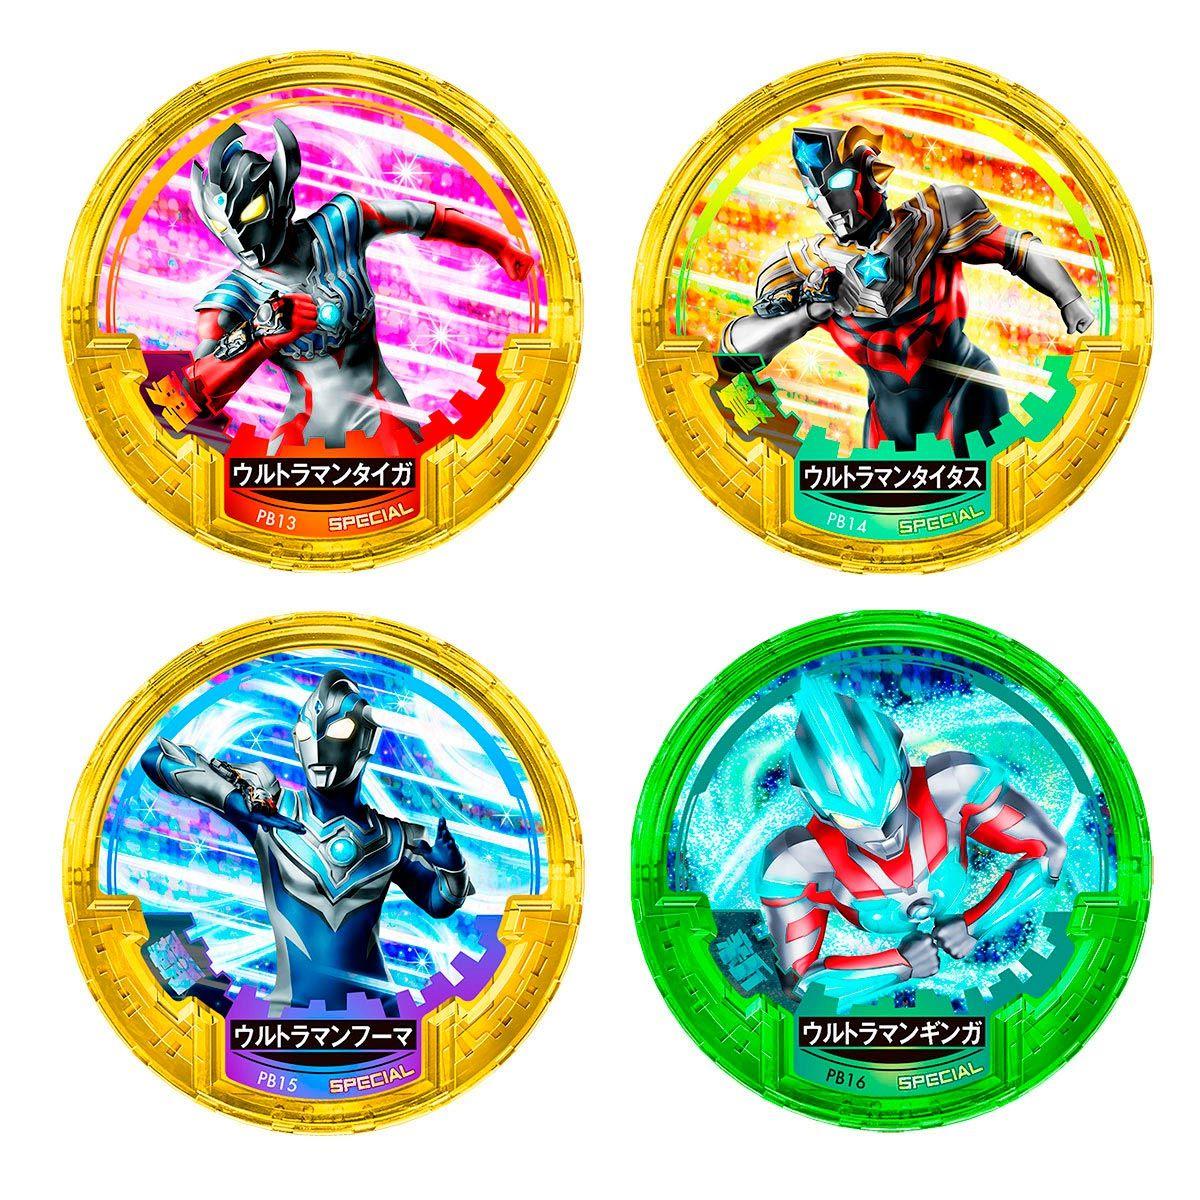 【限定販売】ウルトラマン『アバレンボウル オフィシャルメダルホルダー』ガシャポン-007